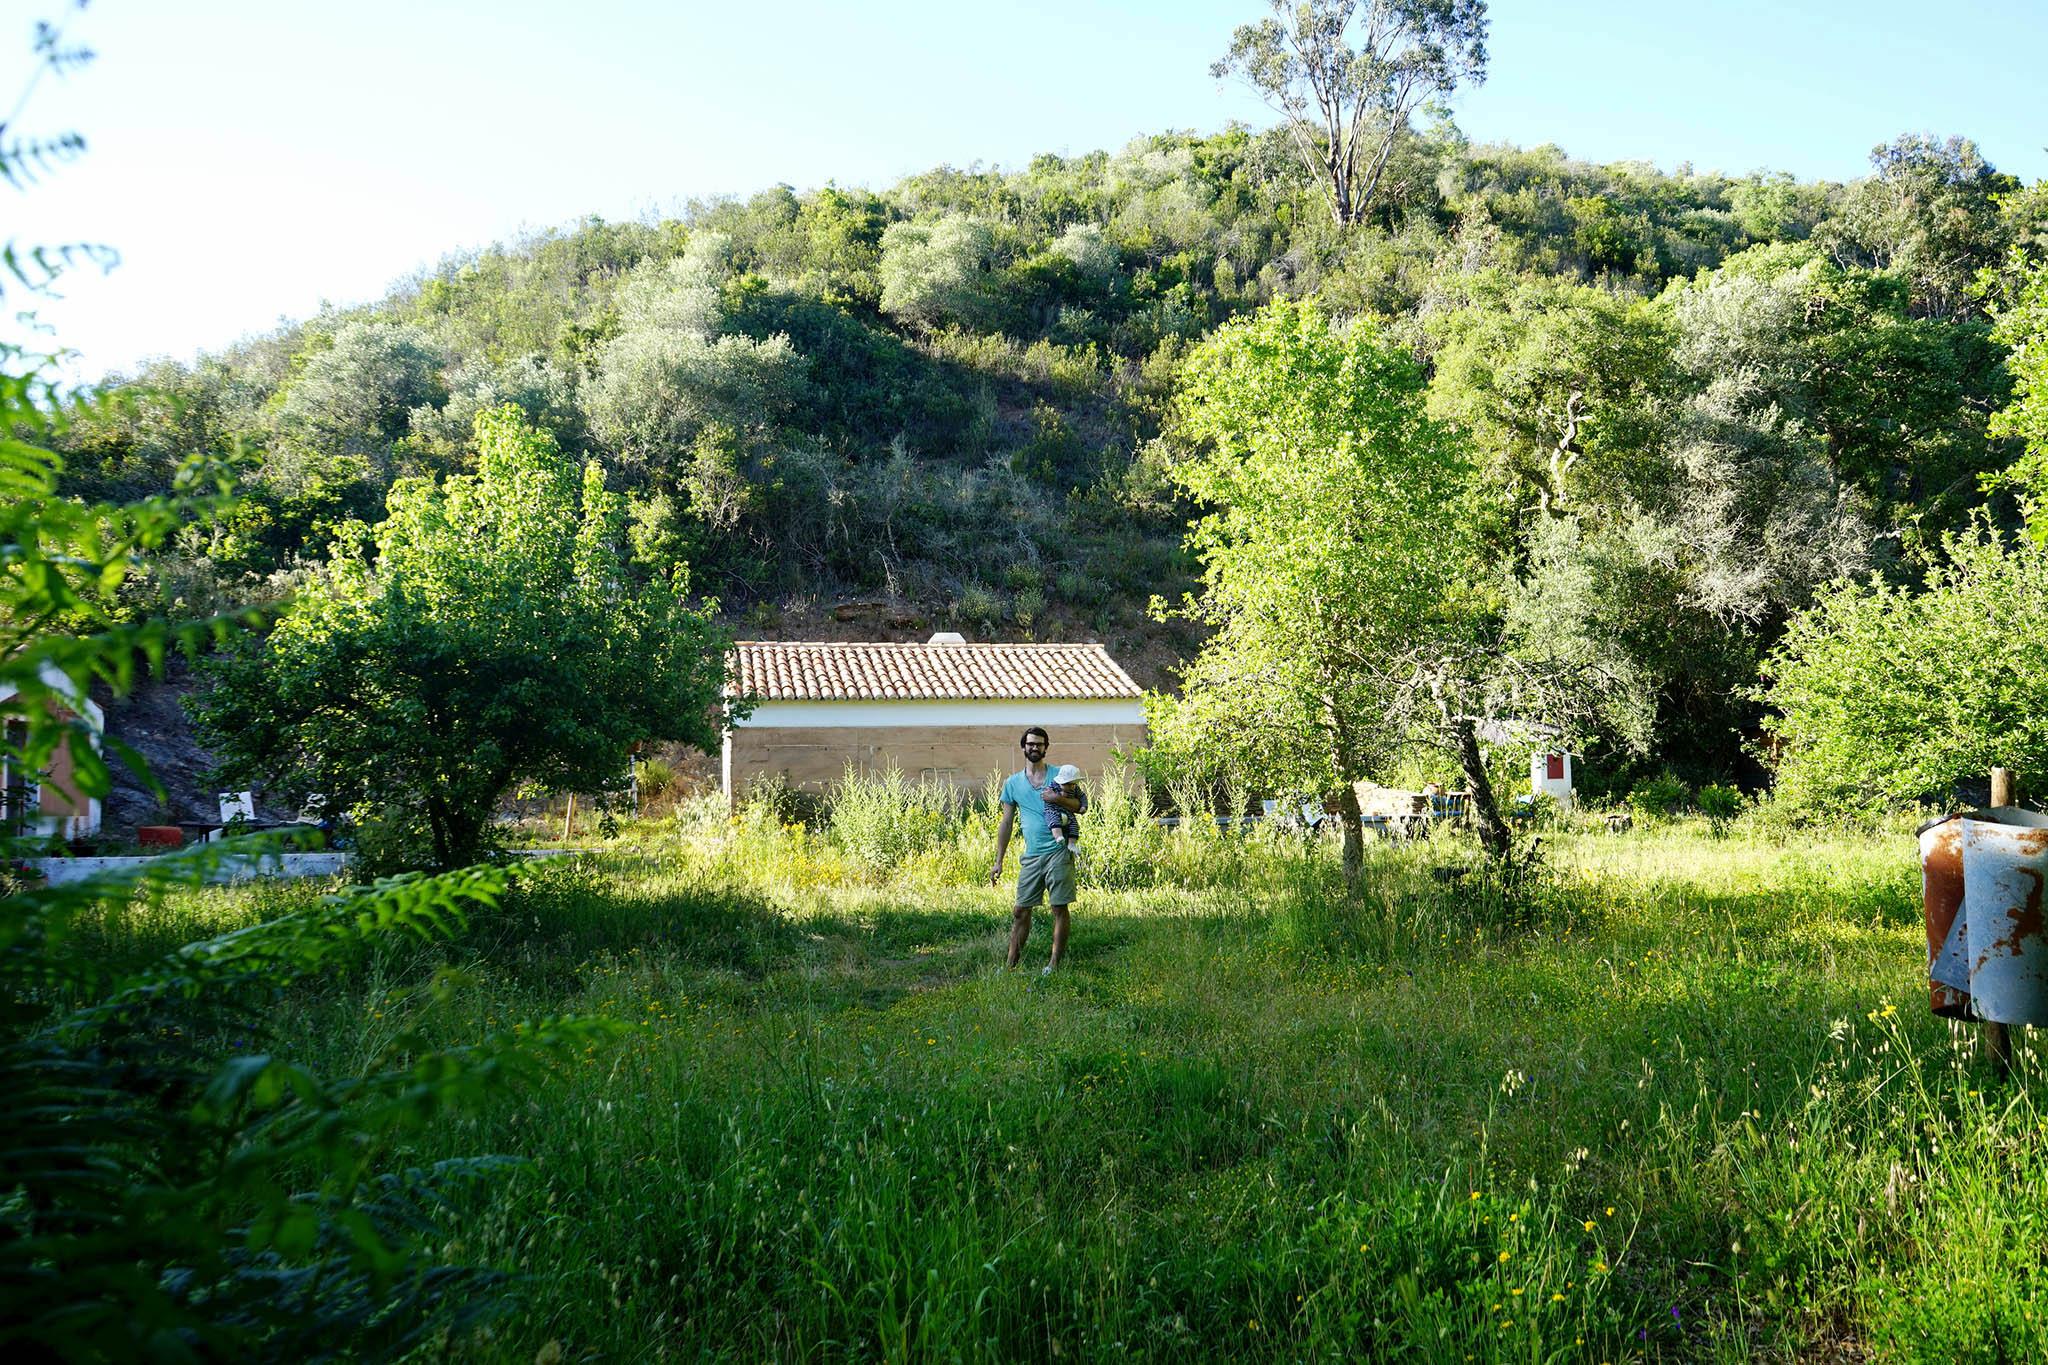 2017-04-Casas-da-Cerca-Portugal - casas-da-cerca-portugal-nectarandpulse-garden-2.jpg